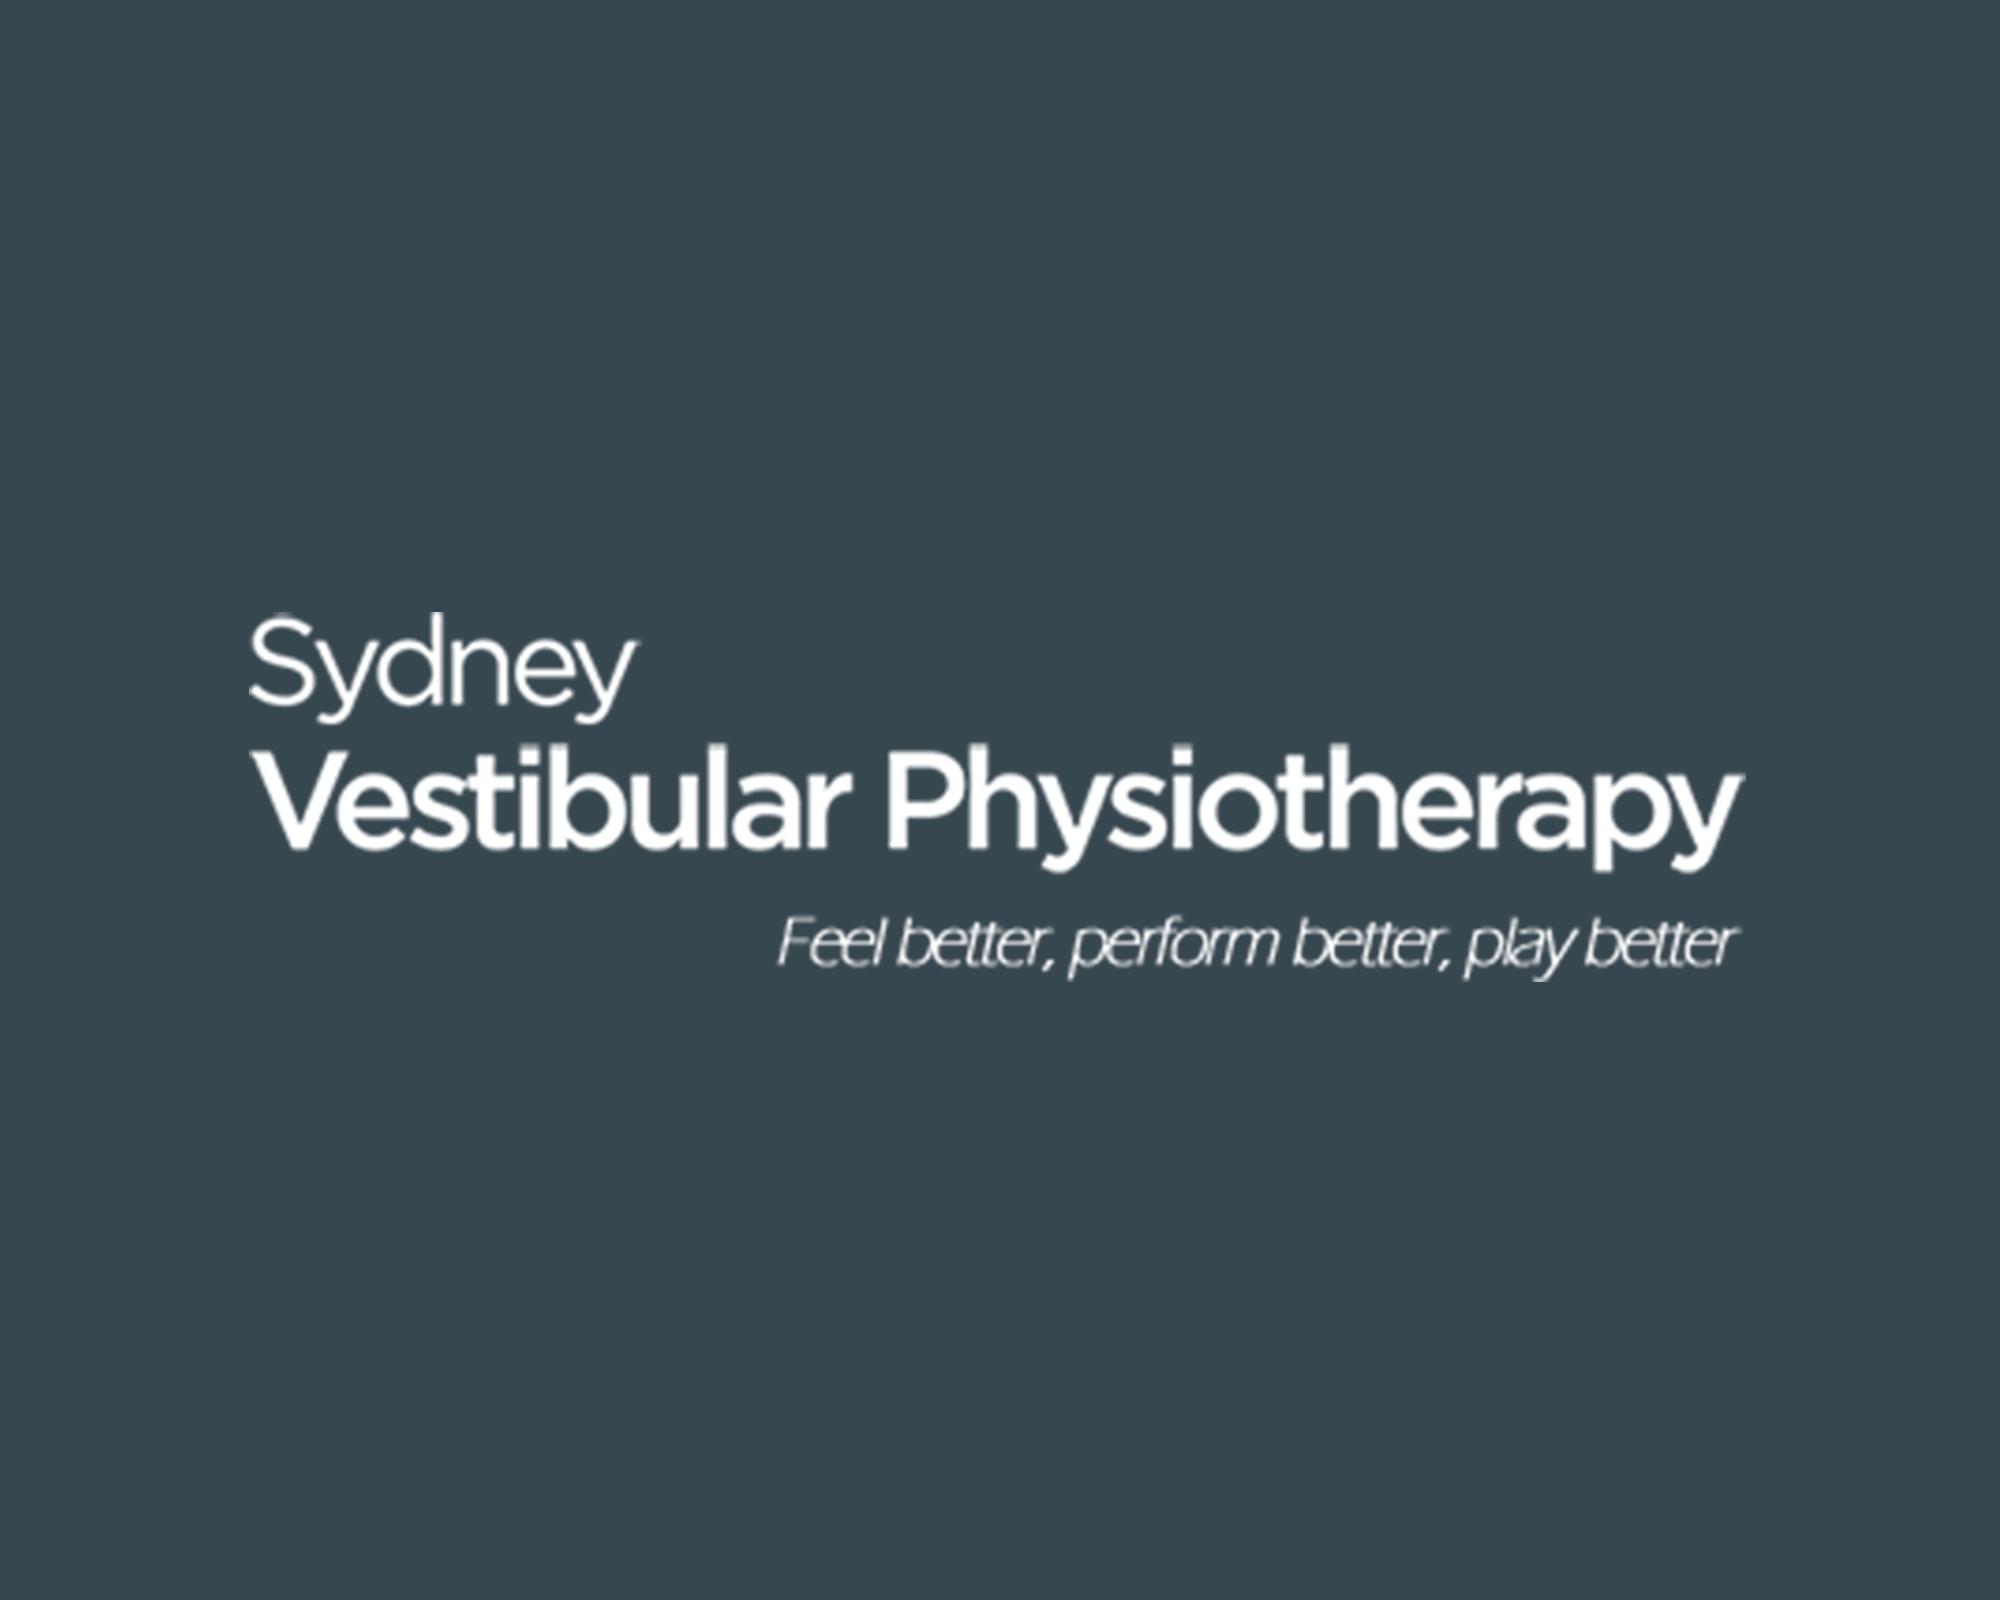 sydney vestibular physiotherapy Logo